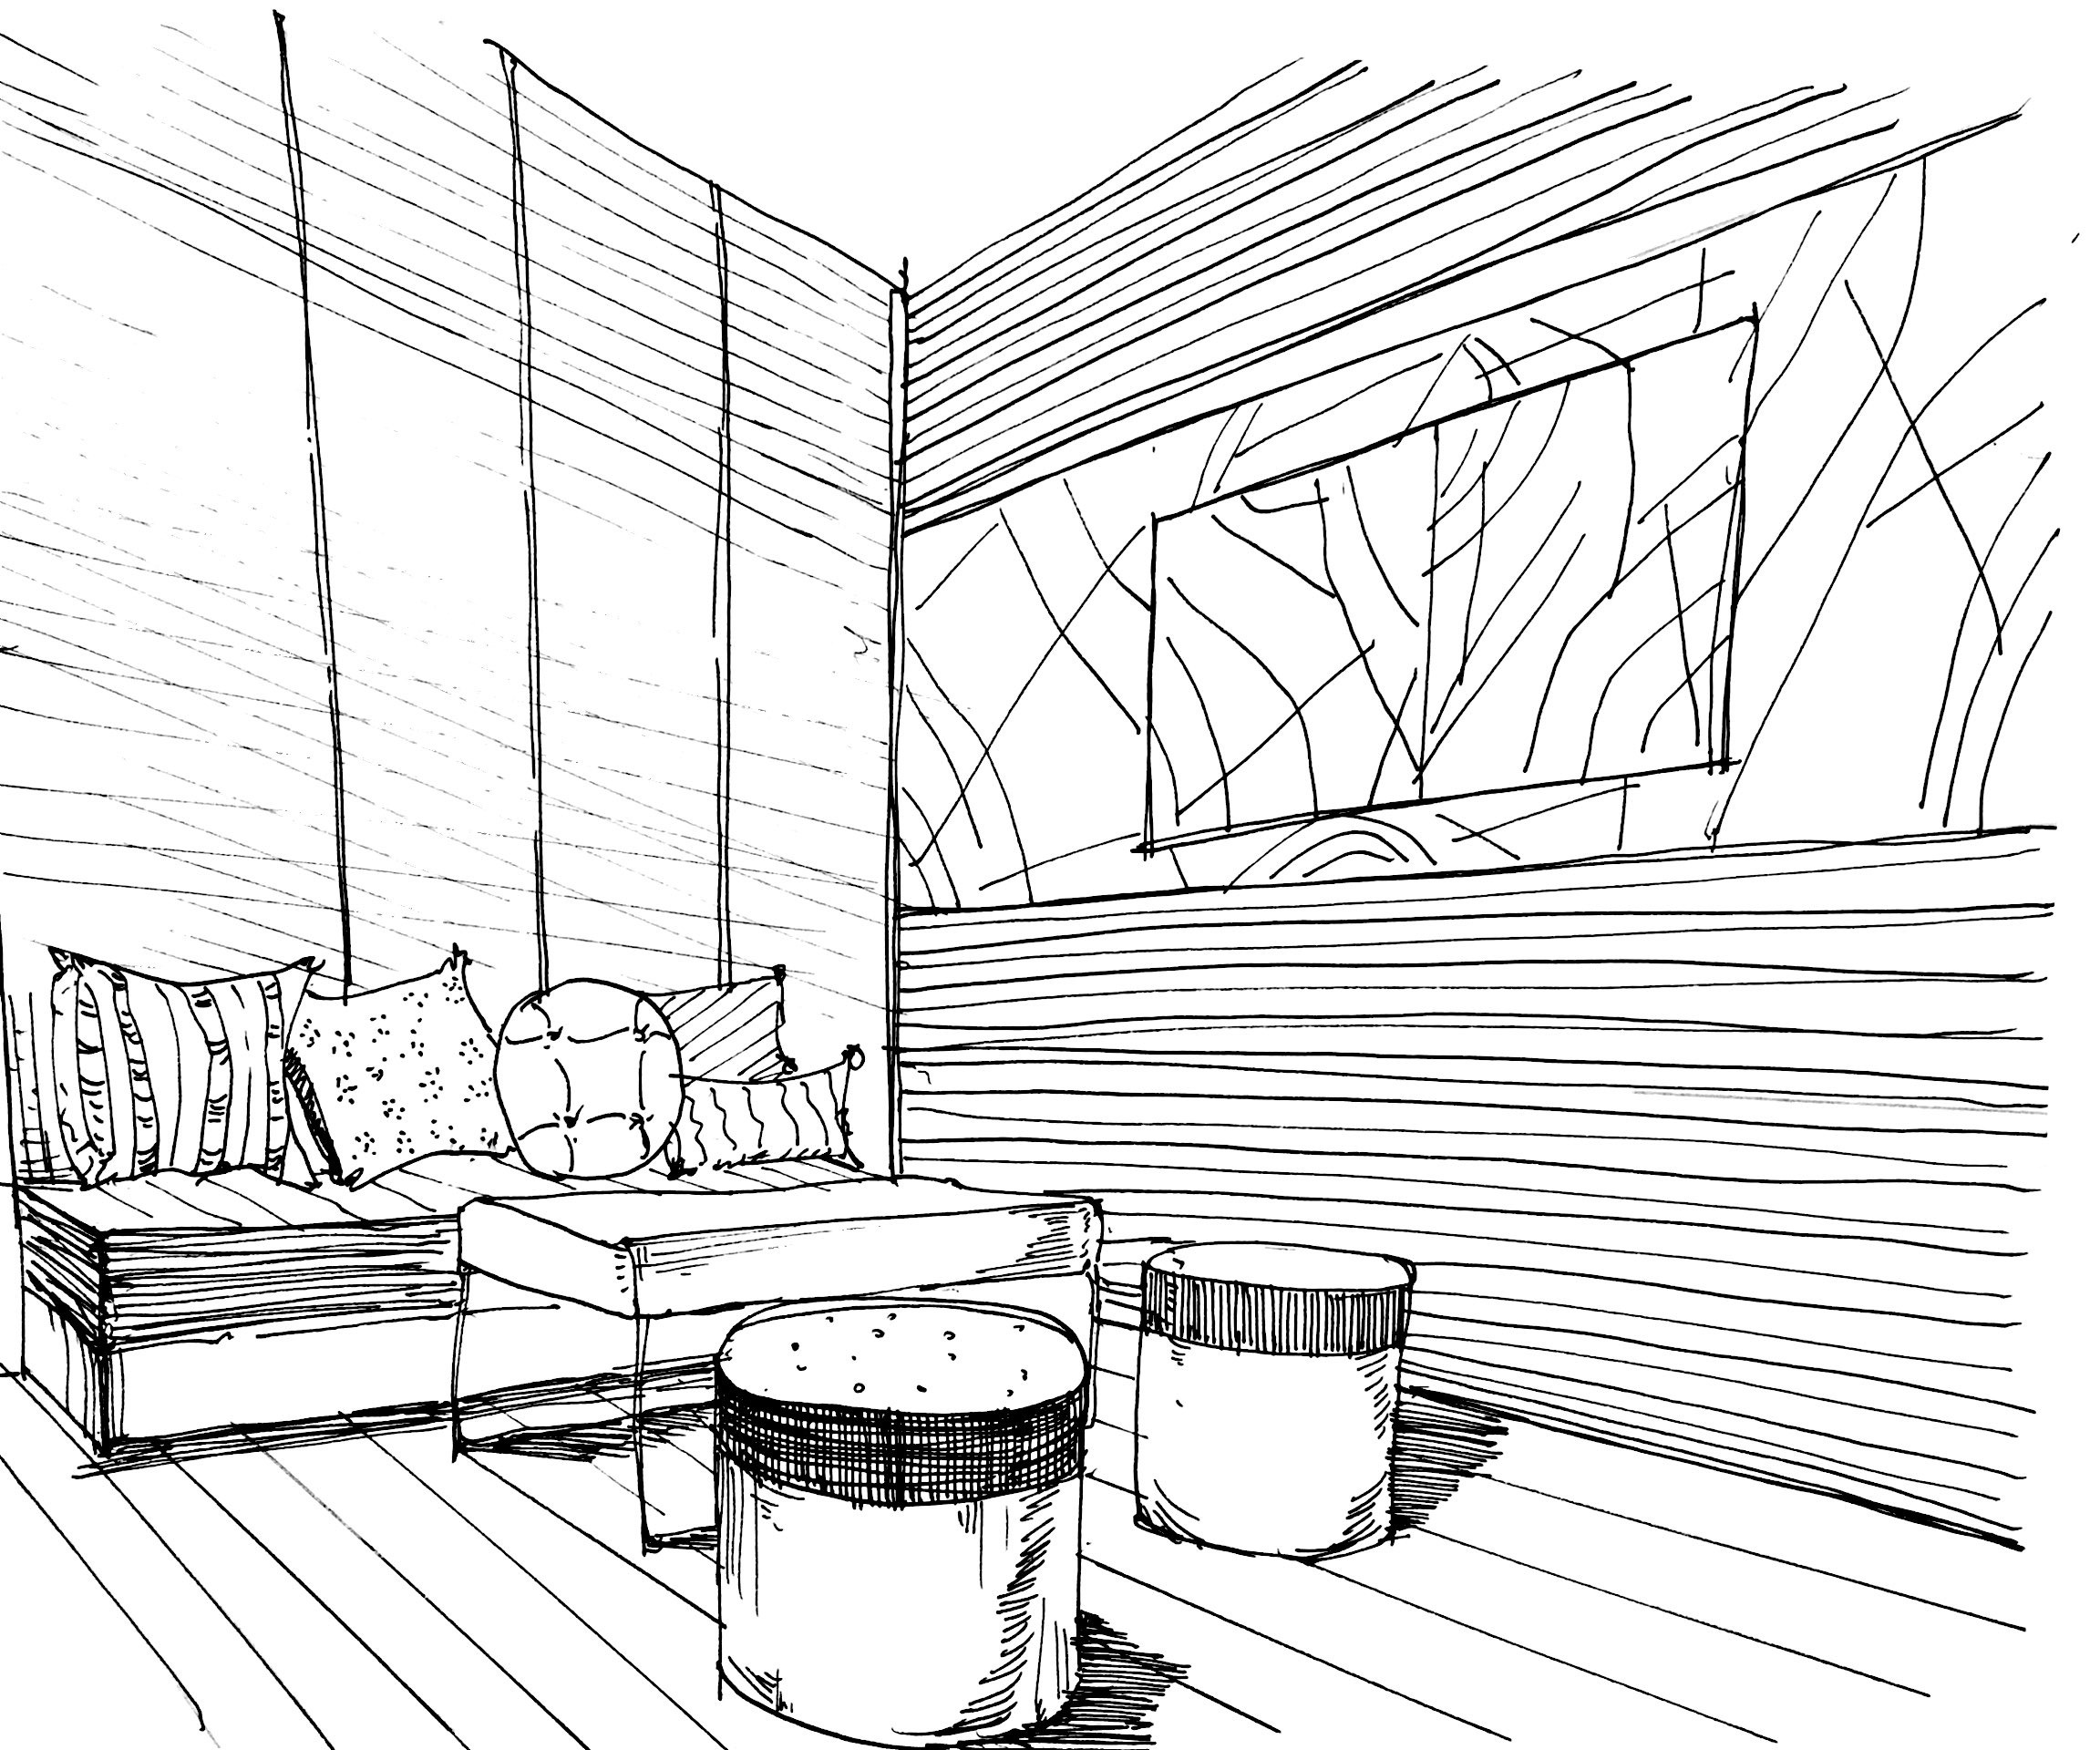 私人住宅设计 空间 室内设计 毛皮儿 - 原创作品